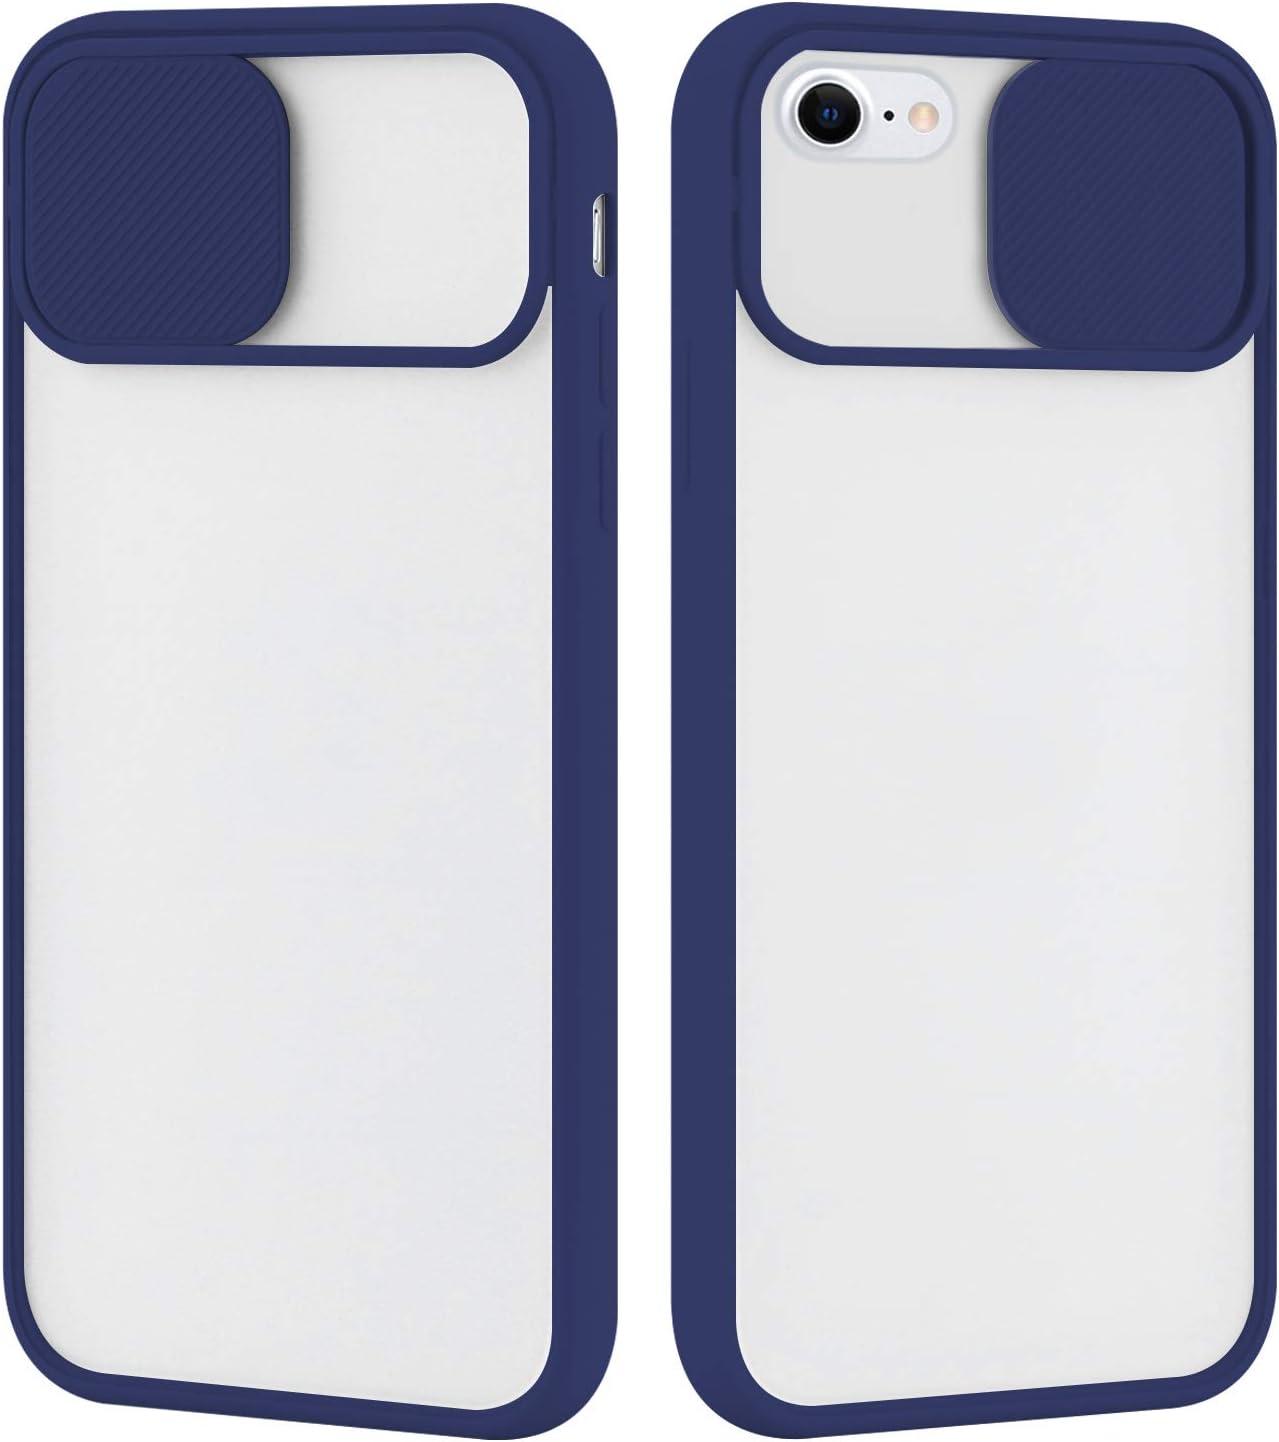 iPhone 7 Plus Schieben Kamera Case Schutzh/ülle mit Kamera Objektivschutz Abdeckung Schieben Sto/ßfest Ultra D/ünn Handyh/ülle f/ür iPhone 8 Plus//7 Plus-Rosa iPhone 8 Plus CamShield Kameraschutz H/ülle